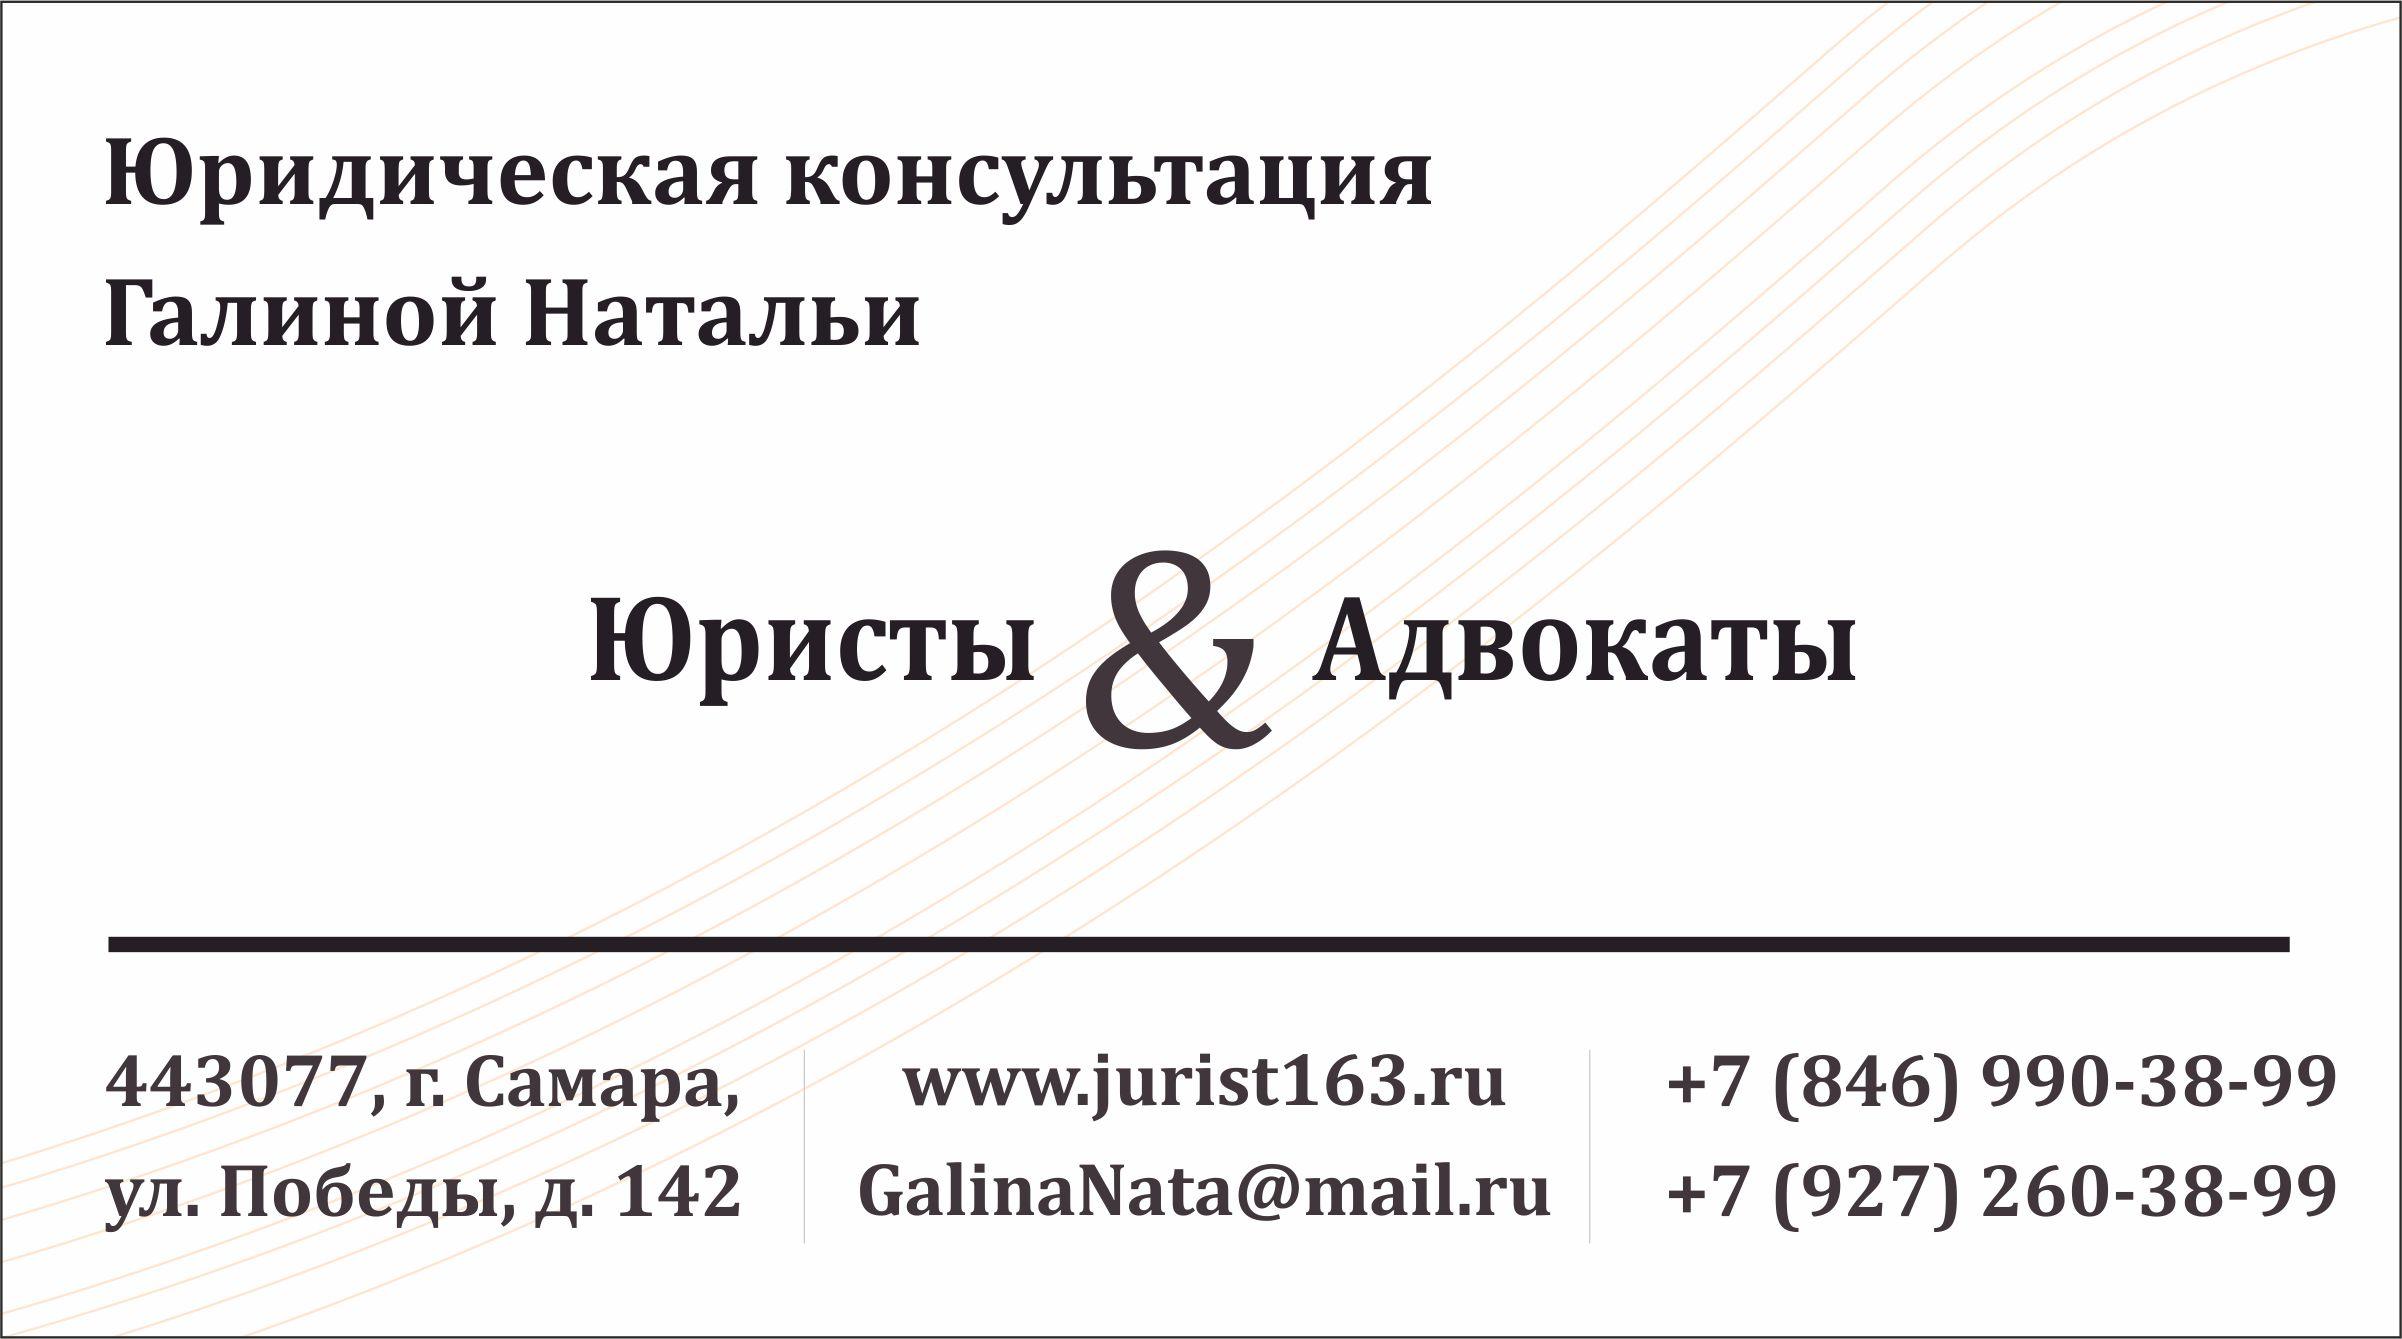 юридическая консультация концепт отзывы